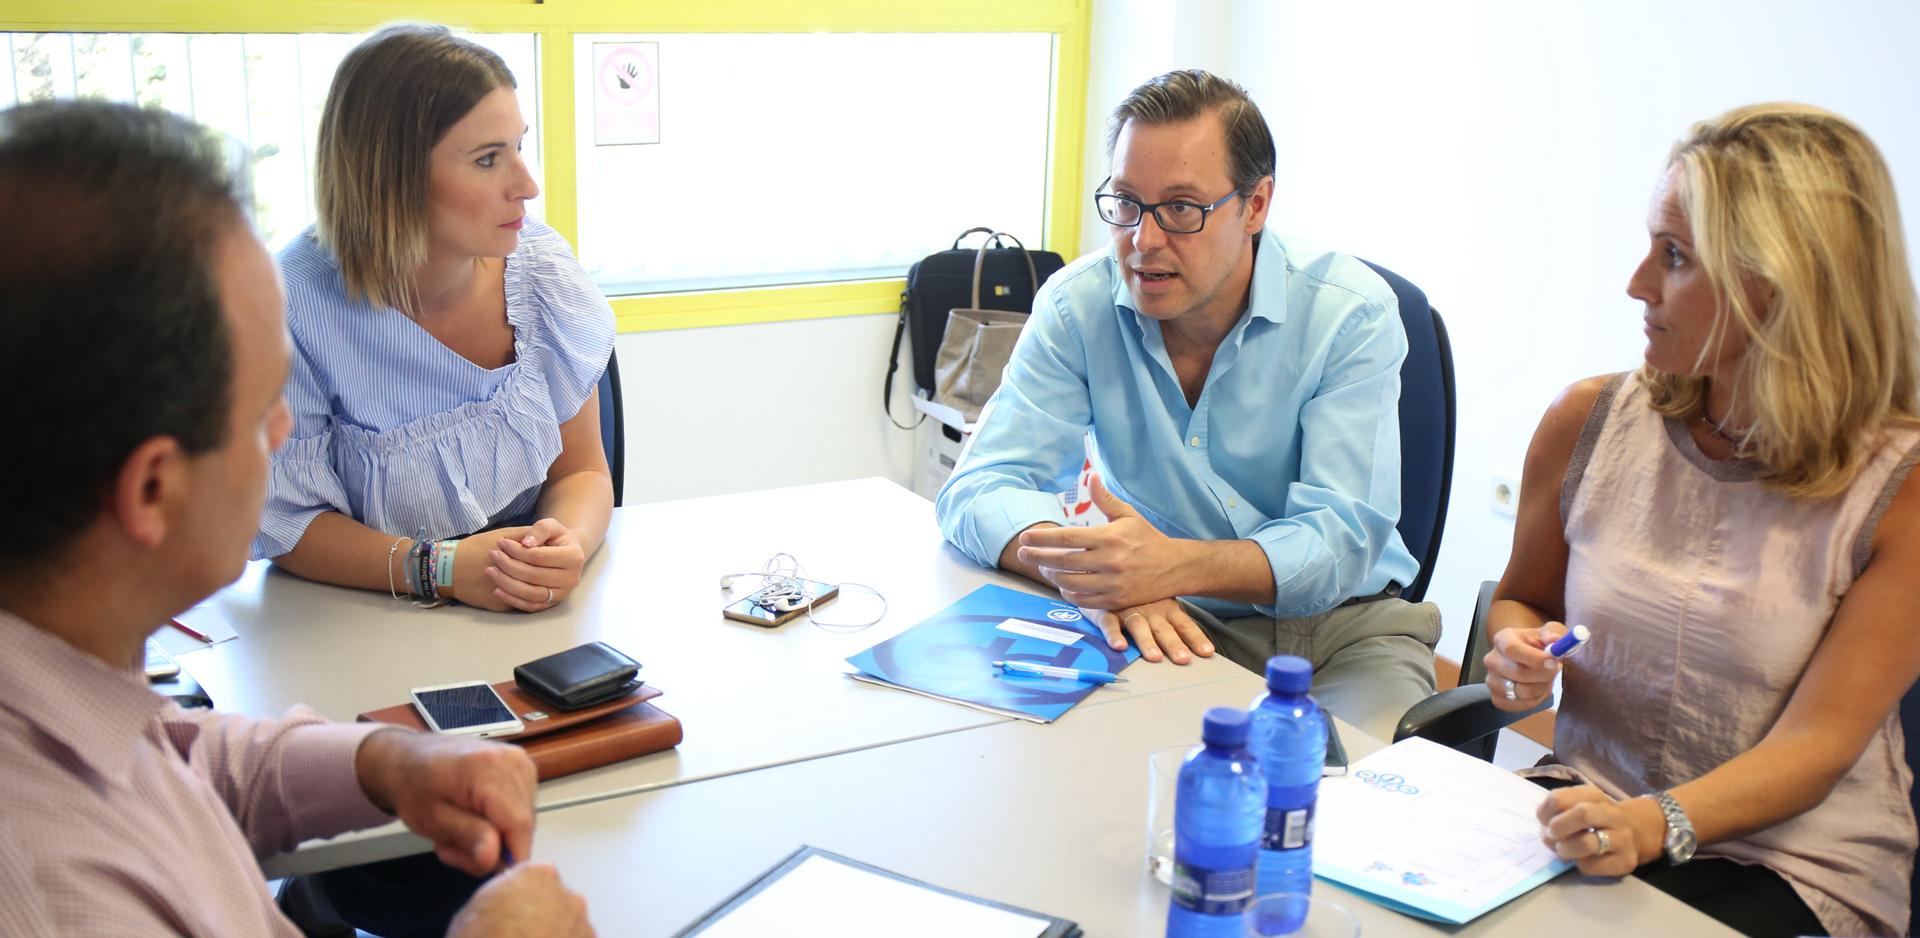 Equipo Ampastta, Asociación Madrileña de Pacientes con Síndrome de Tourette y Trastornos Asociados. Reunidos en Rivas-Vaciamadrid